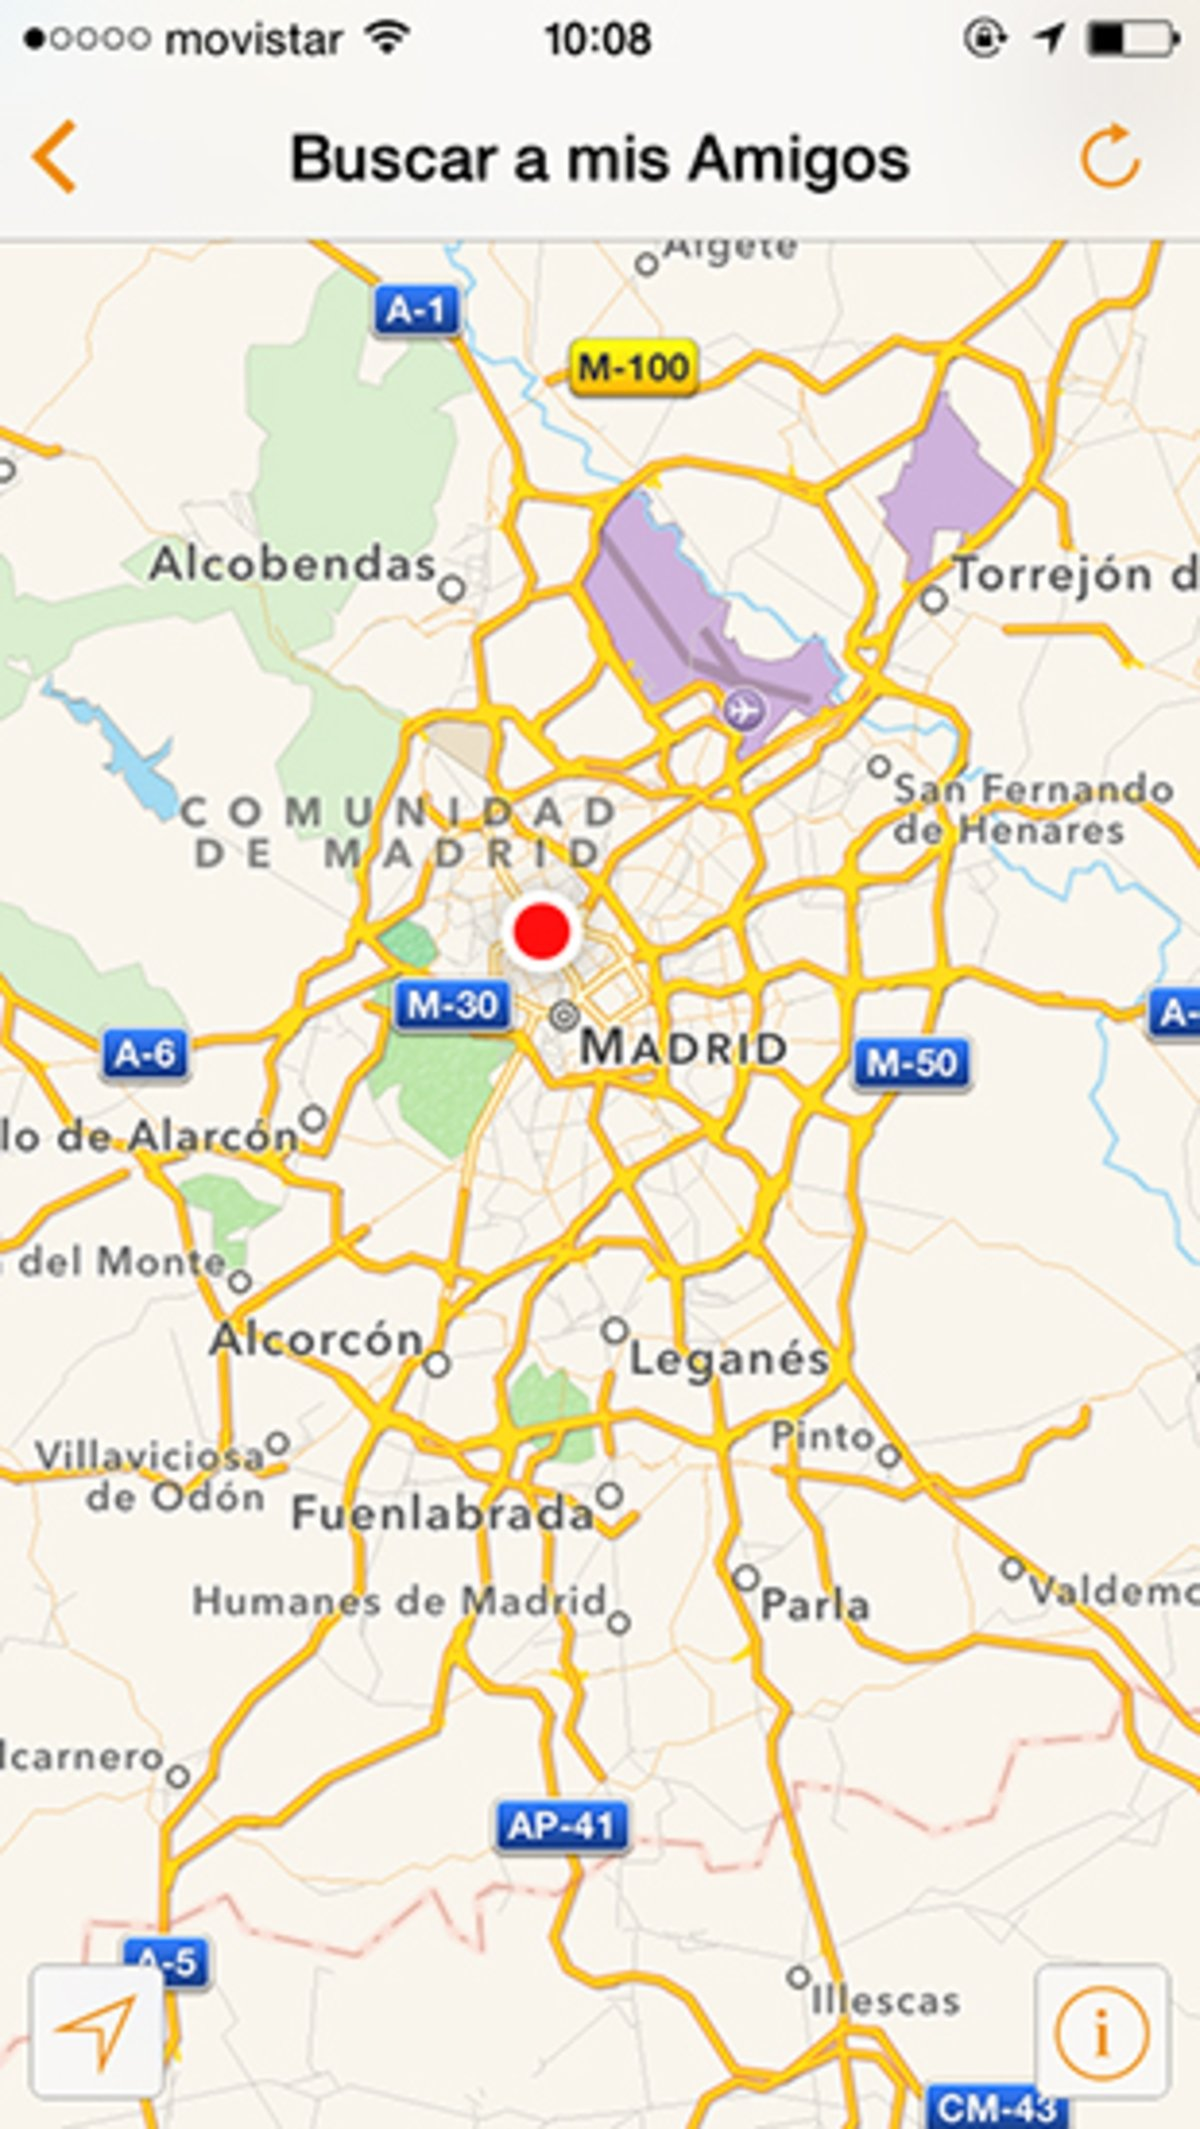 analisis-completo-app-buscar-a-mis-amigos-4